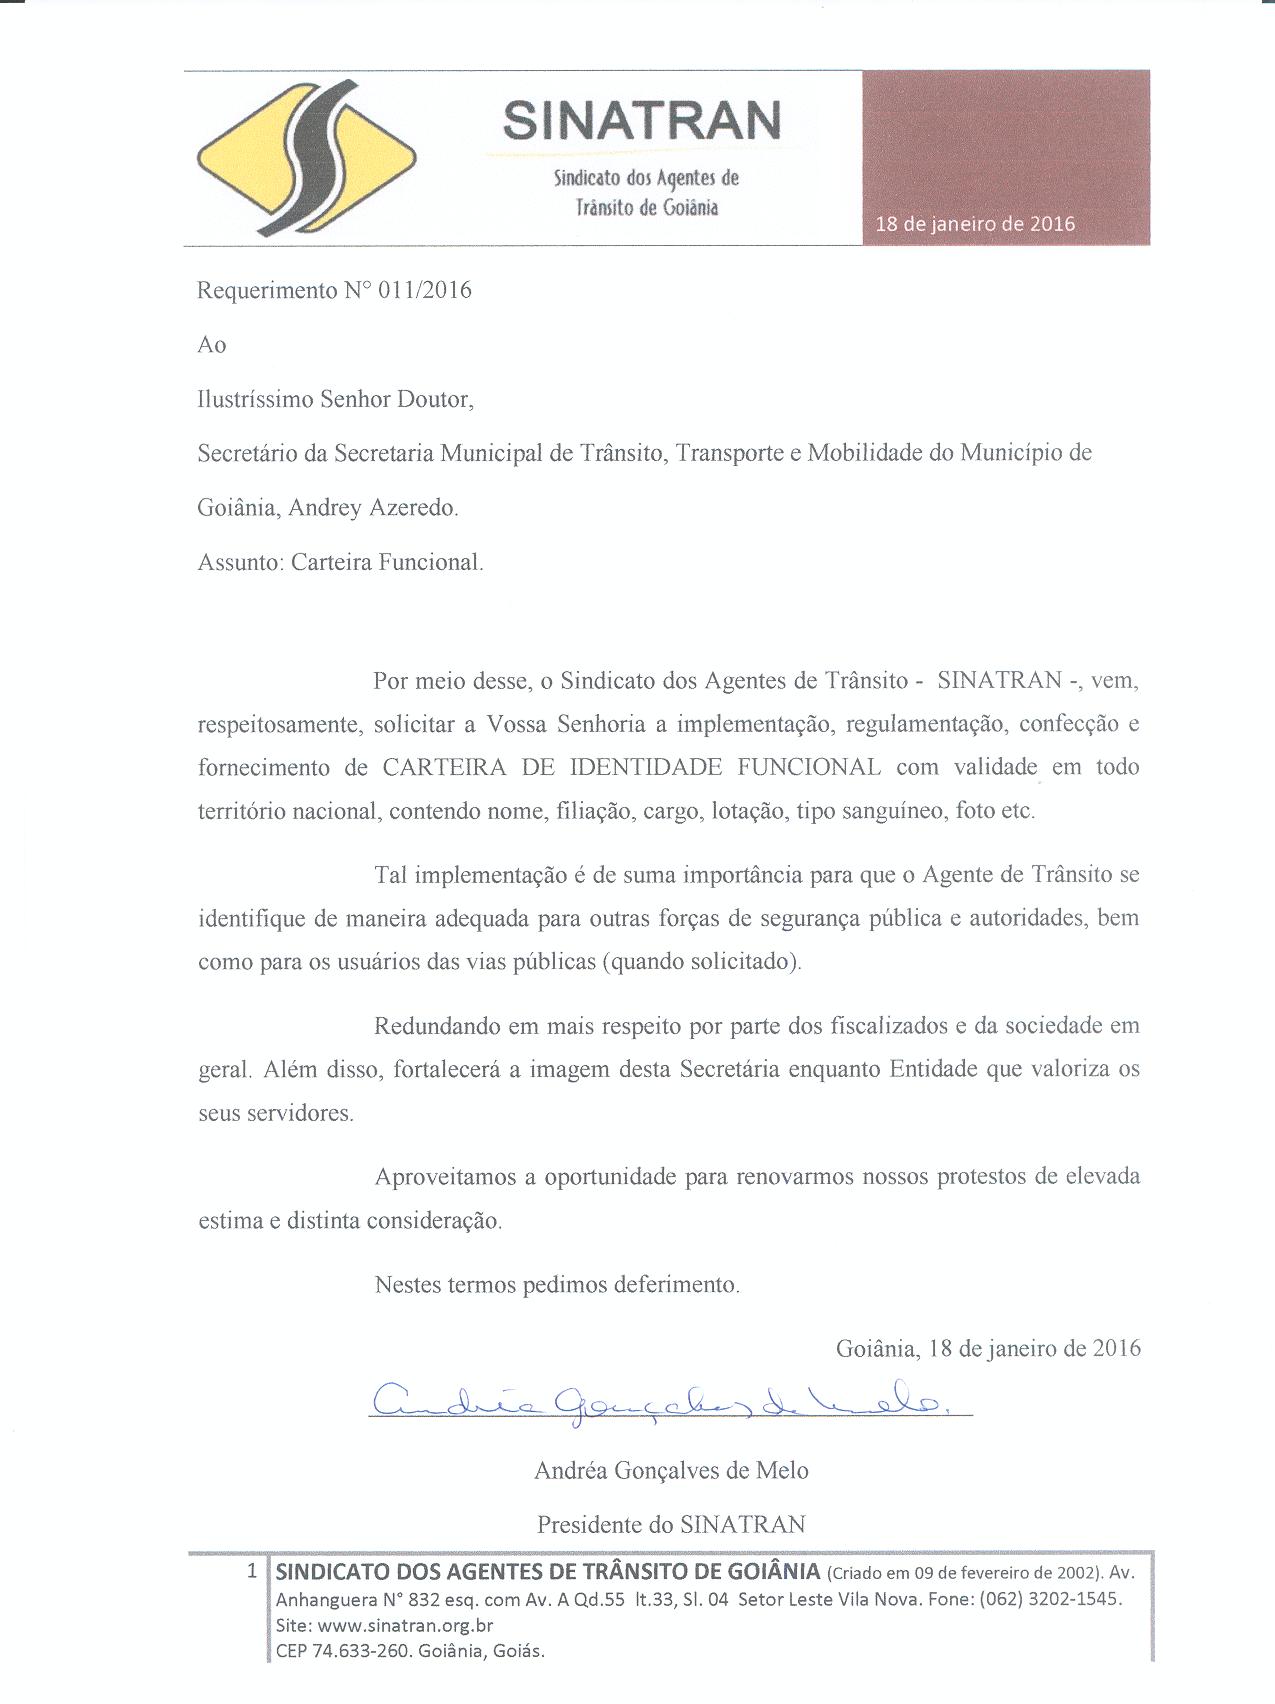 REQUERIMENTO CARTEIRA FUNICONAL